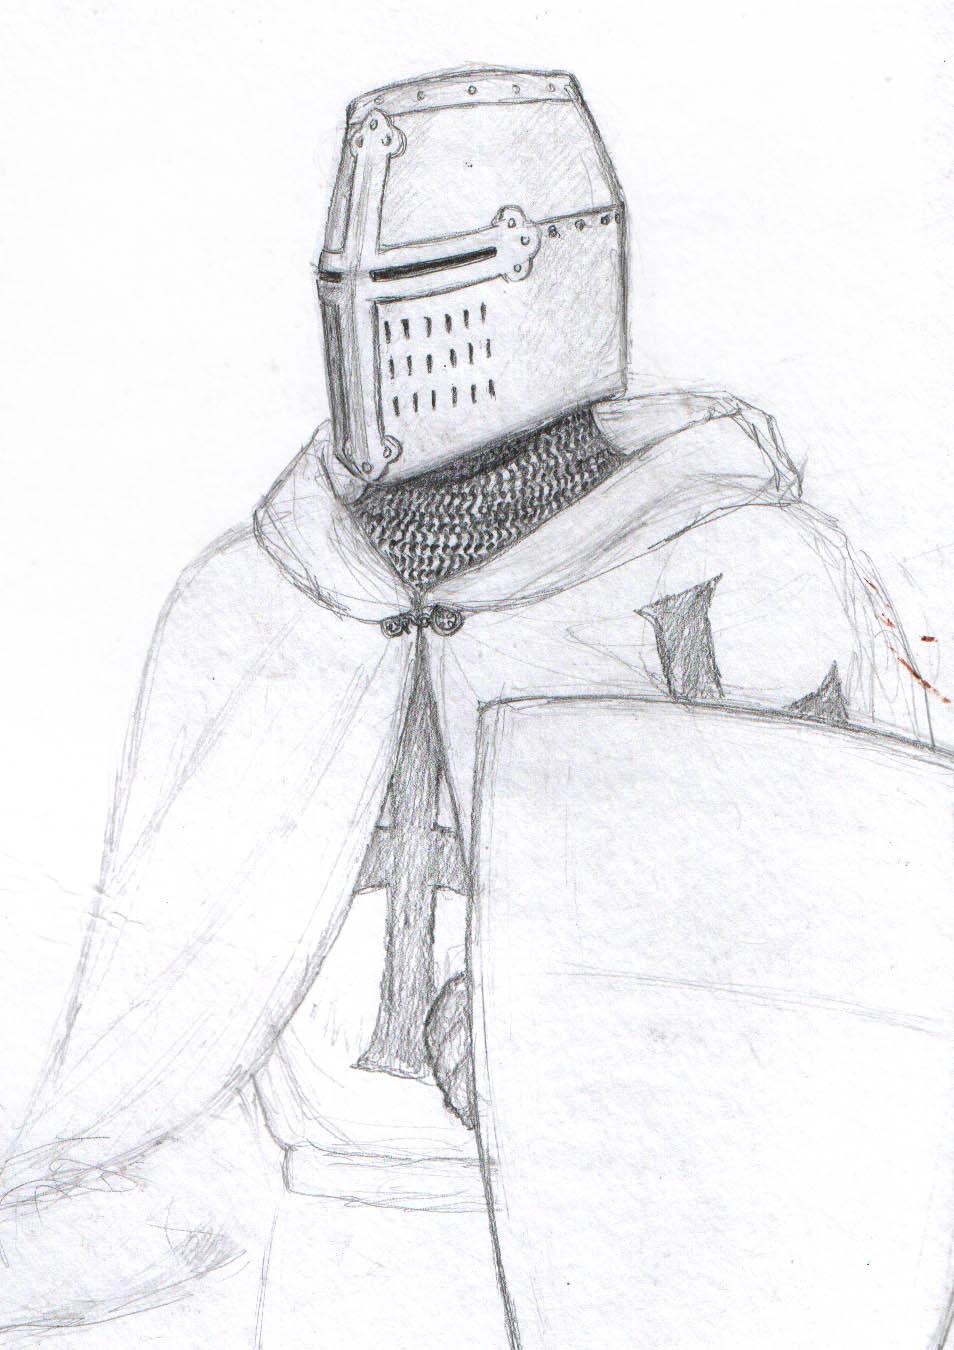 templar sketch by dashinvaine on DeviantArt